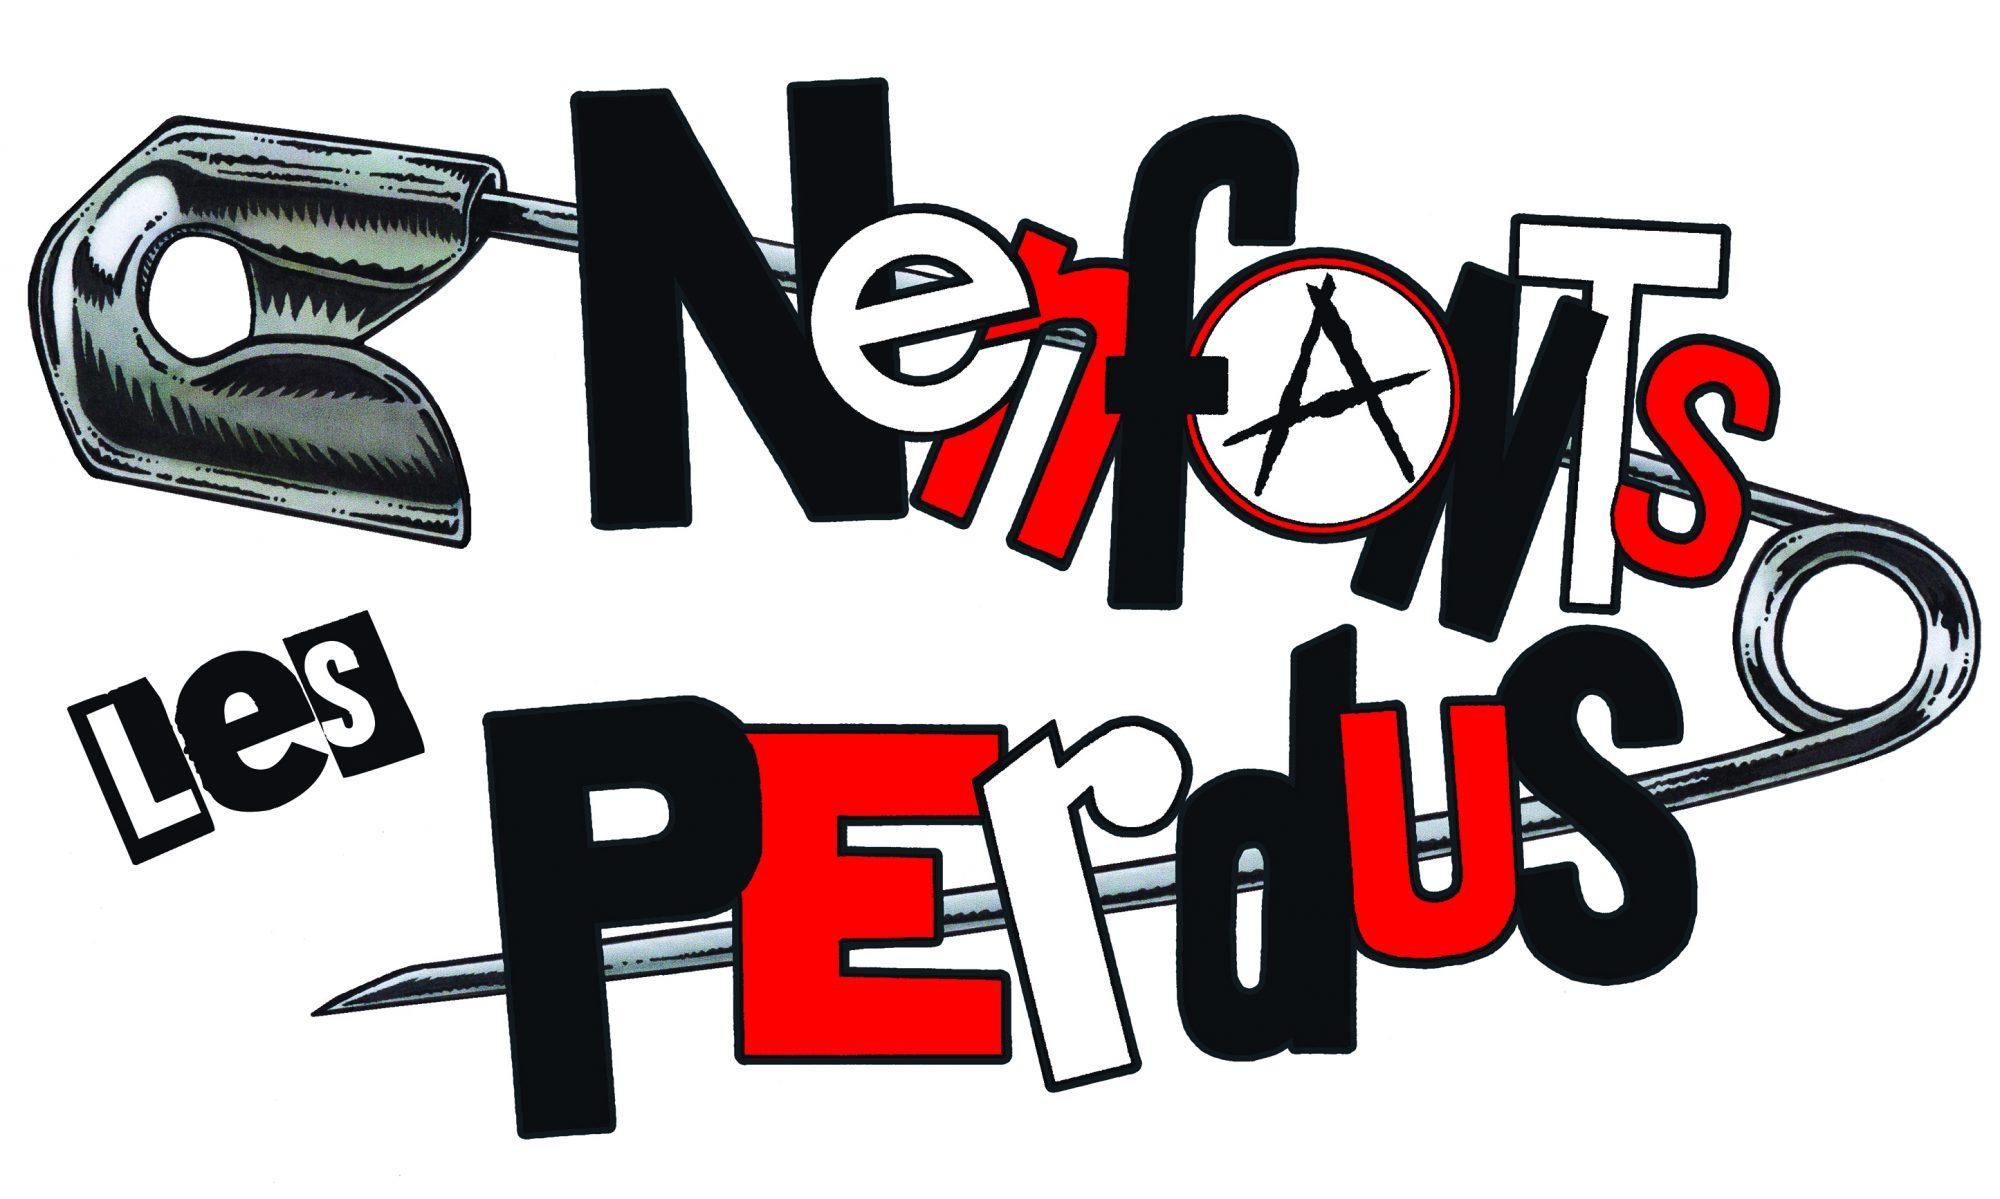 LES NENFANTS PERDUS